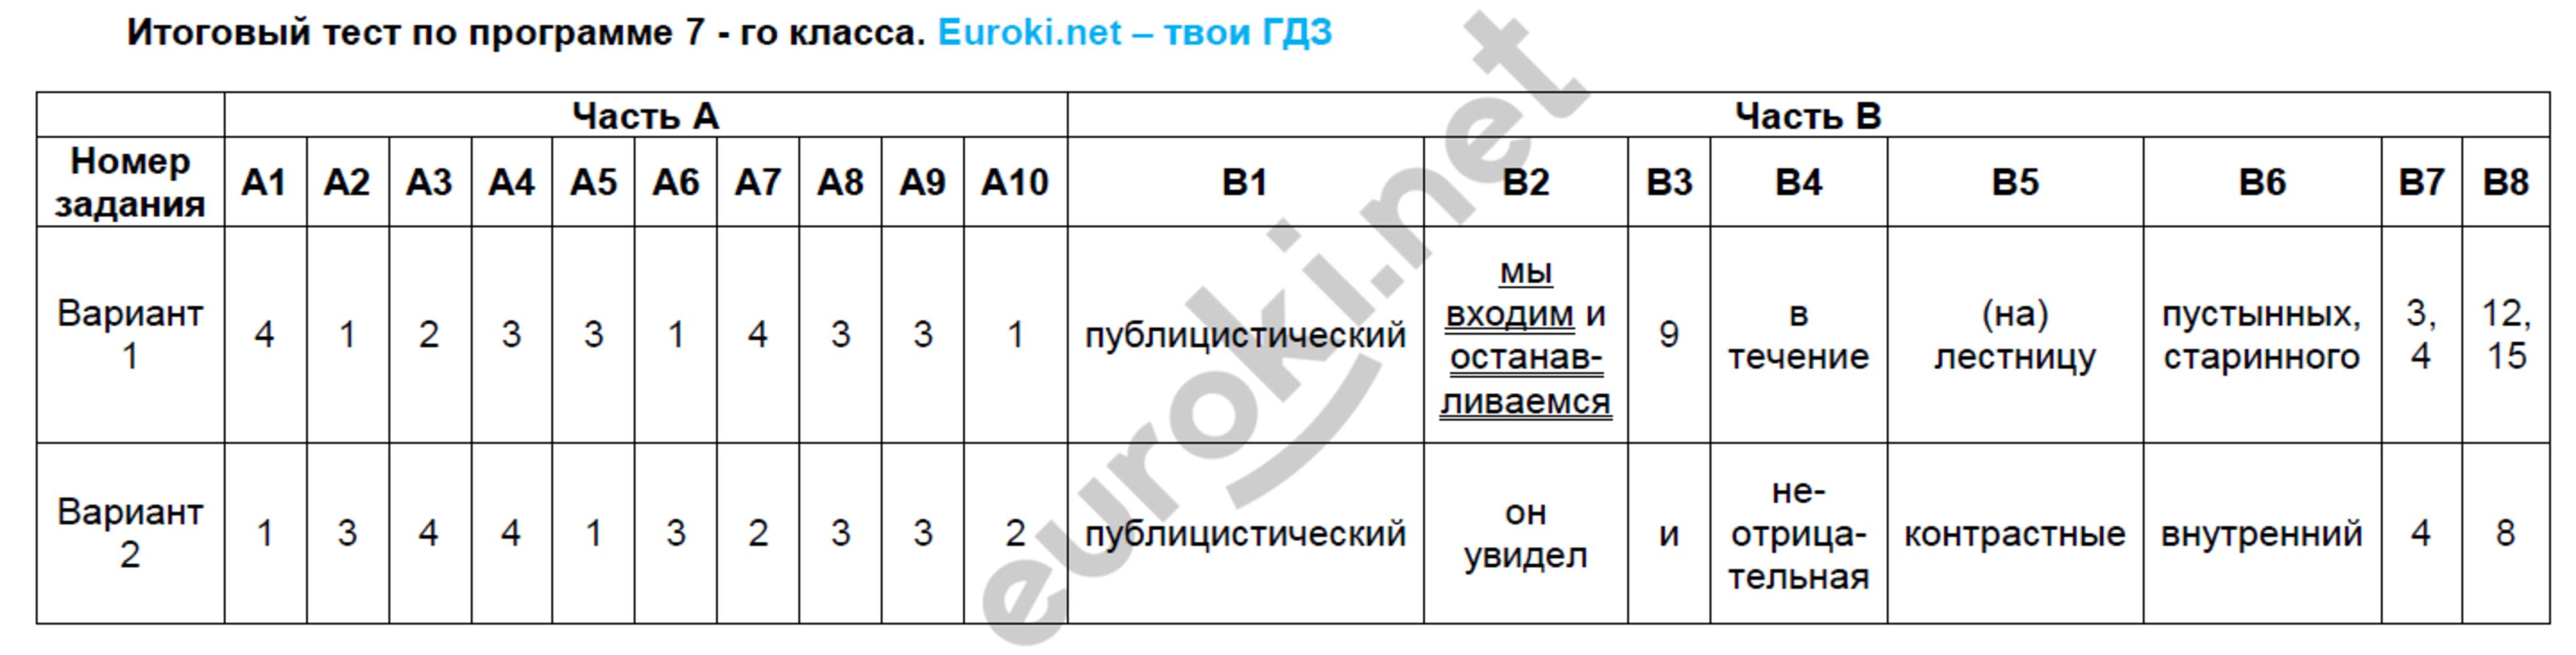 ГДЗ по русскому языку 7 класс тесты Груздева, Разумовская Экзамен ответы и решения онлайн. Задание: 23. Итоговый тест по программе 7 - го класса